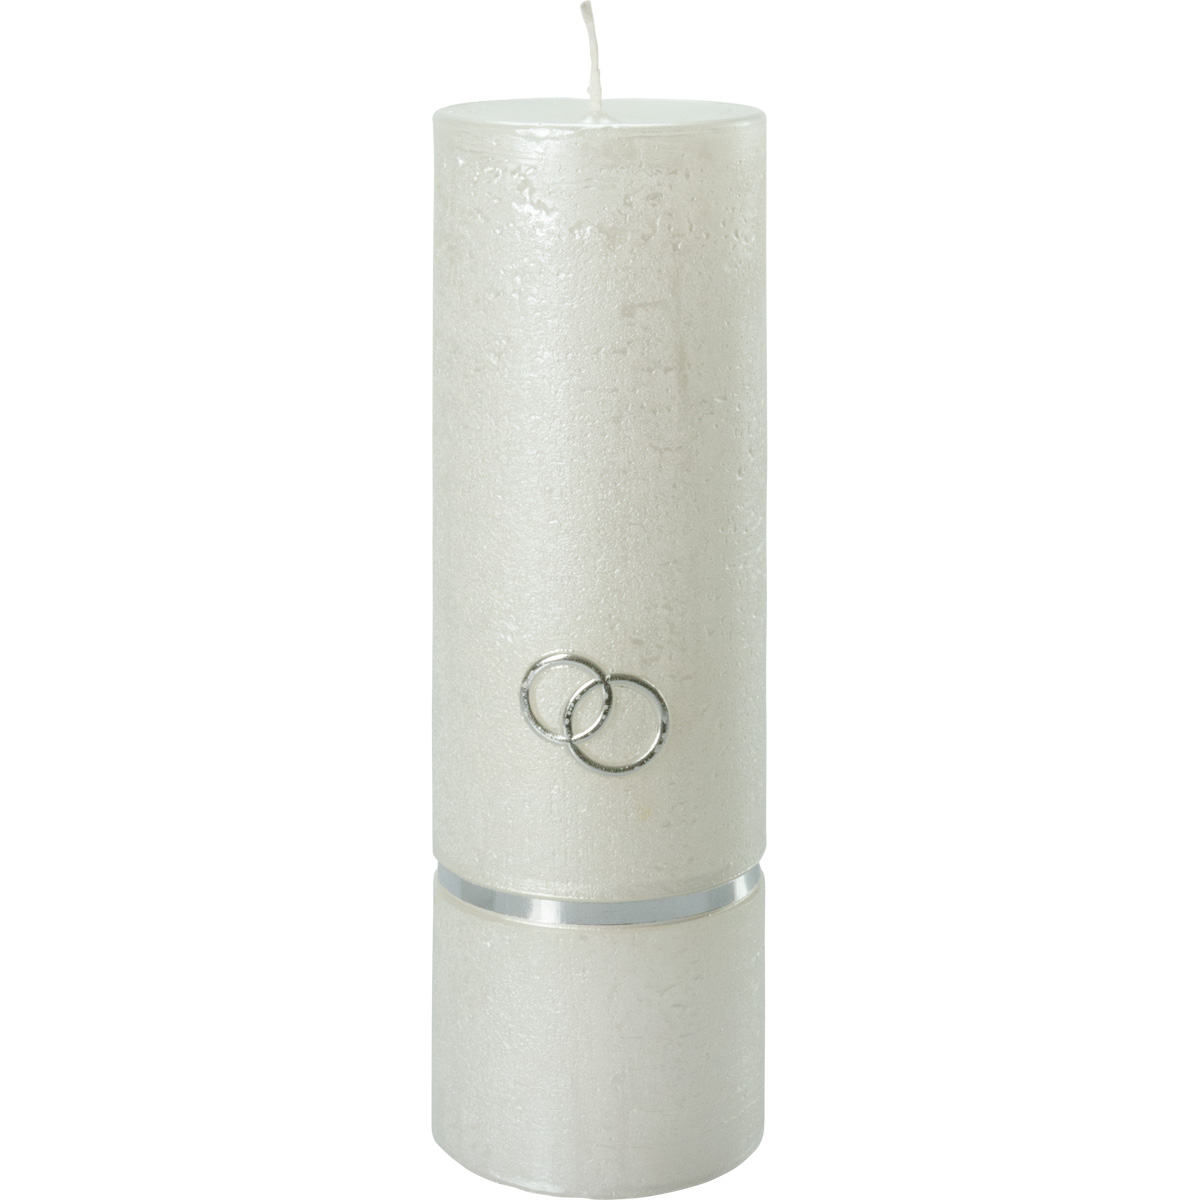 Hochzeitskerze, #5024, Rustikal 230x70, Borde, Ringe, silber